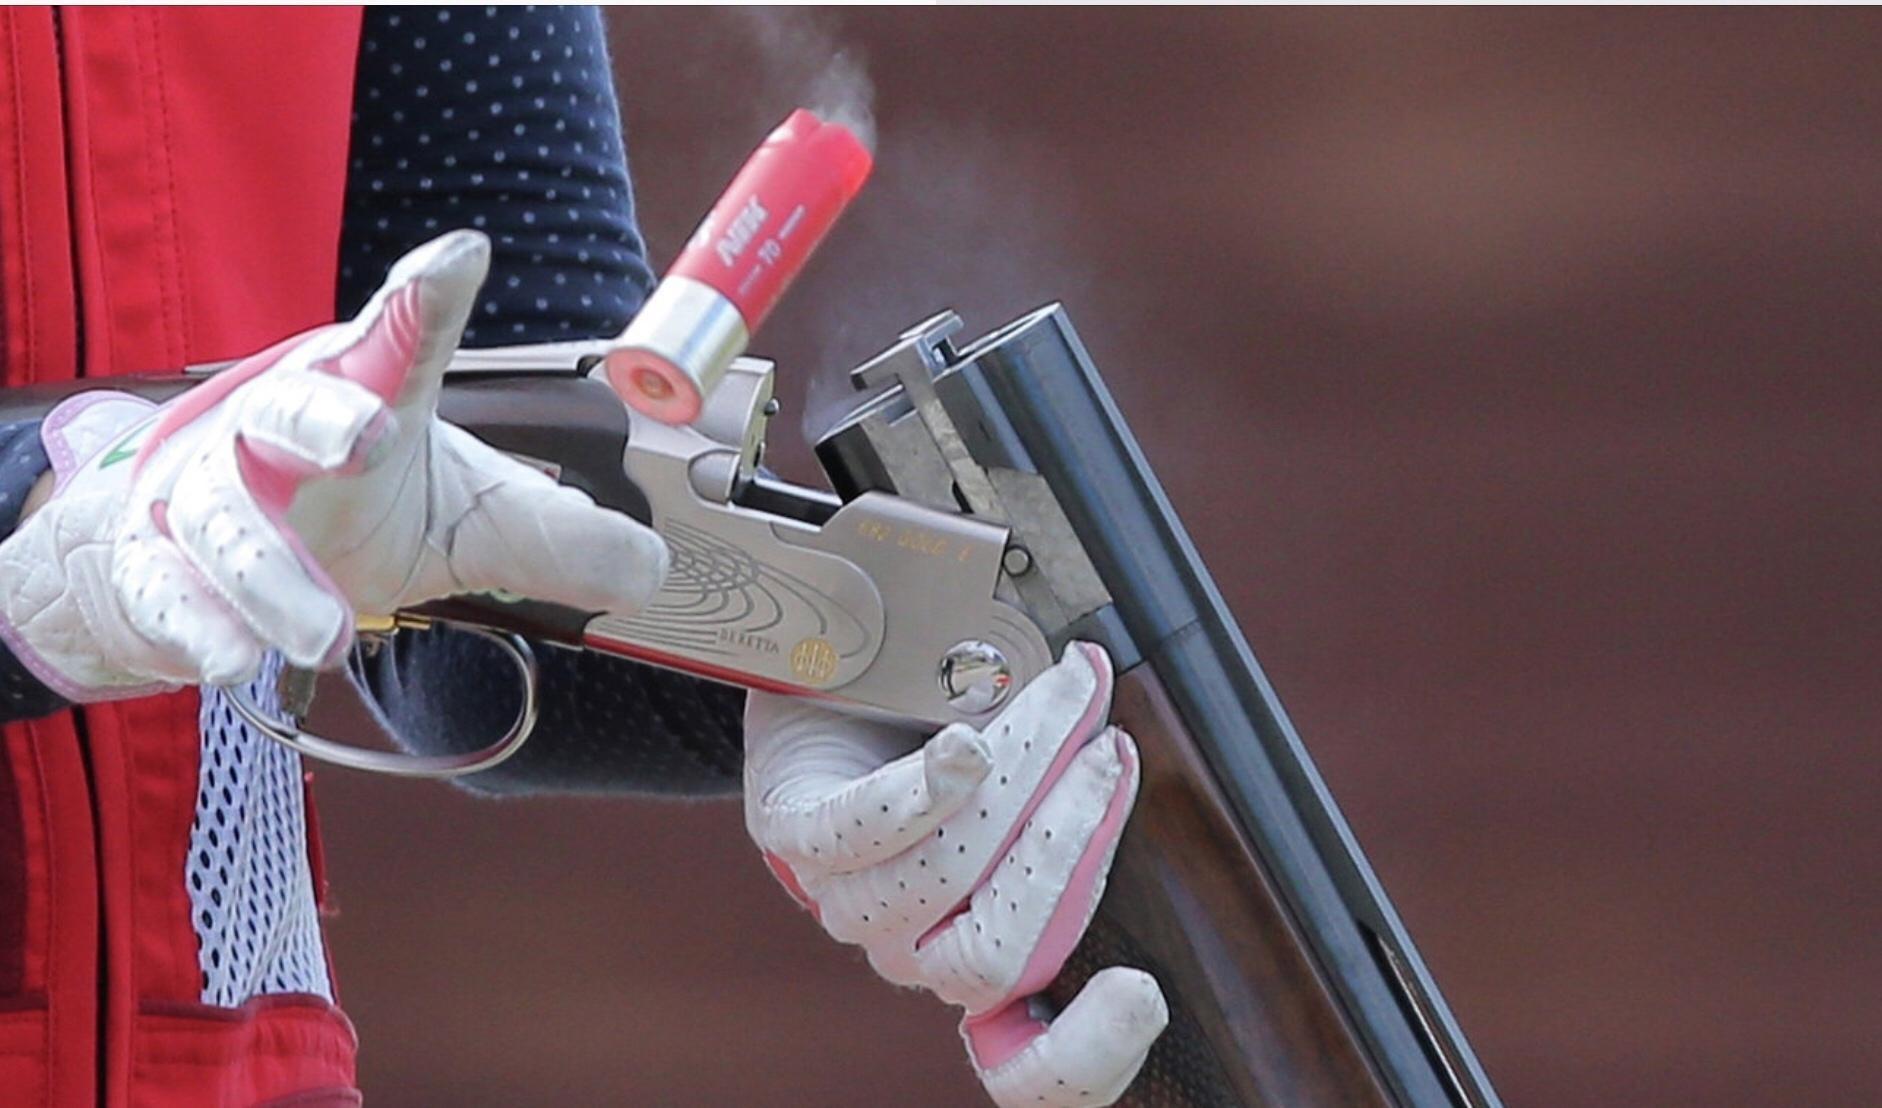 卡塔尔国际射击锦标赛:哈萨克斯坦选手荣获一枚金牌